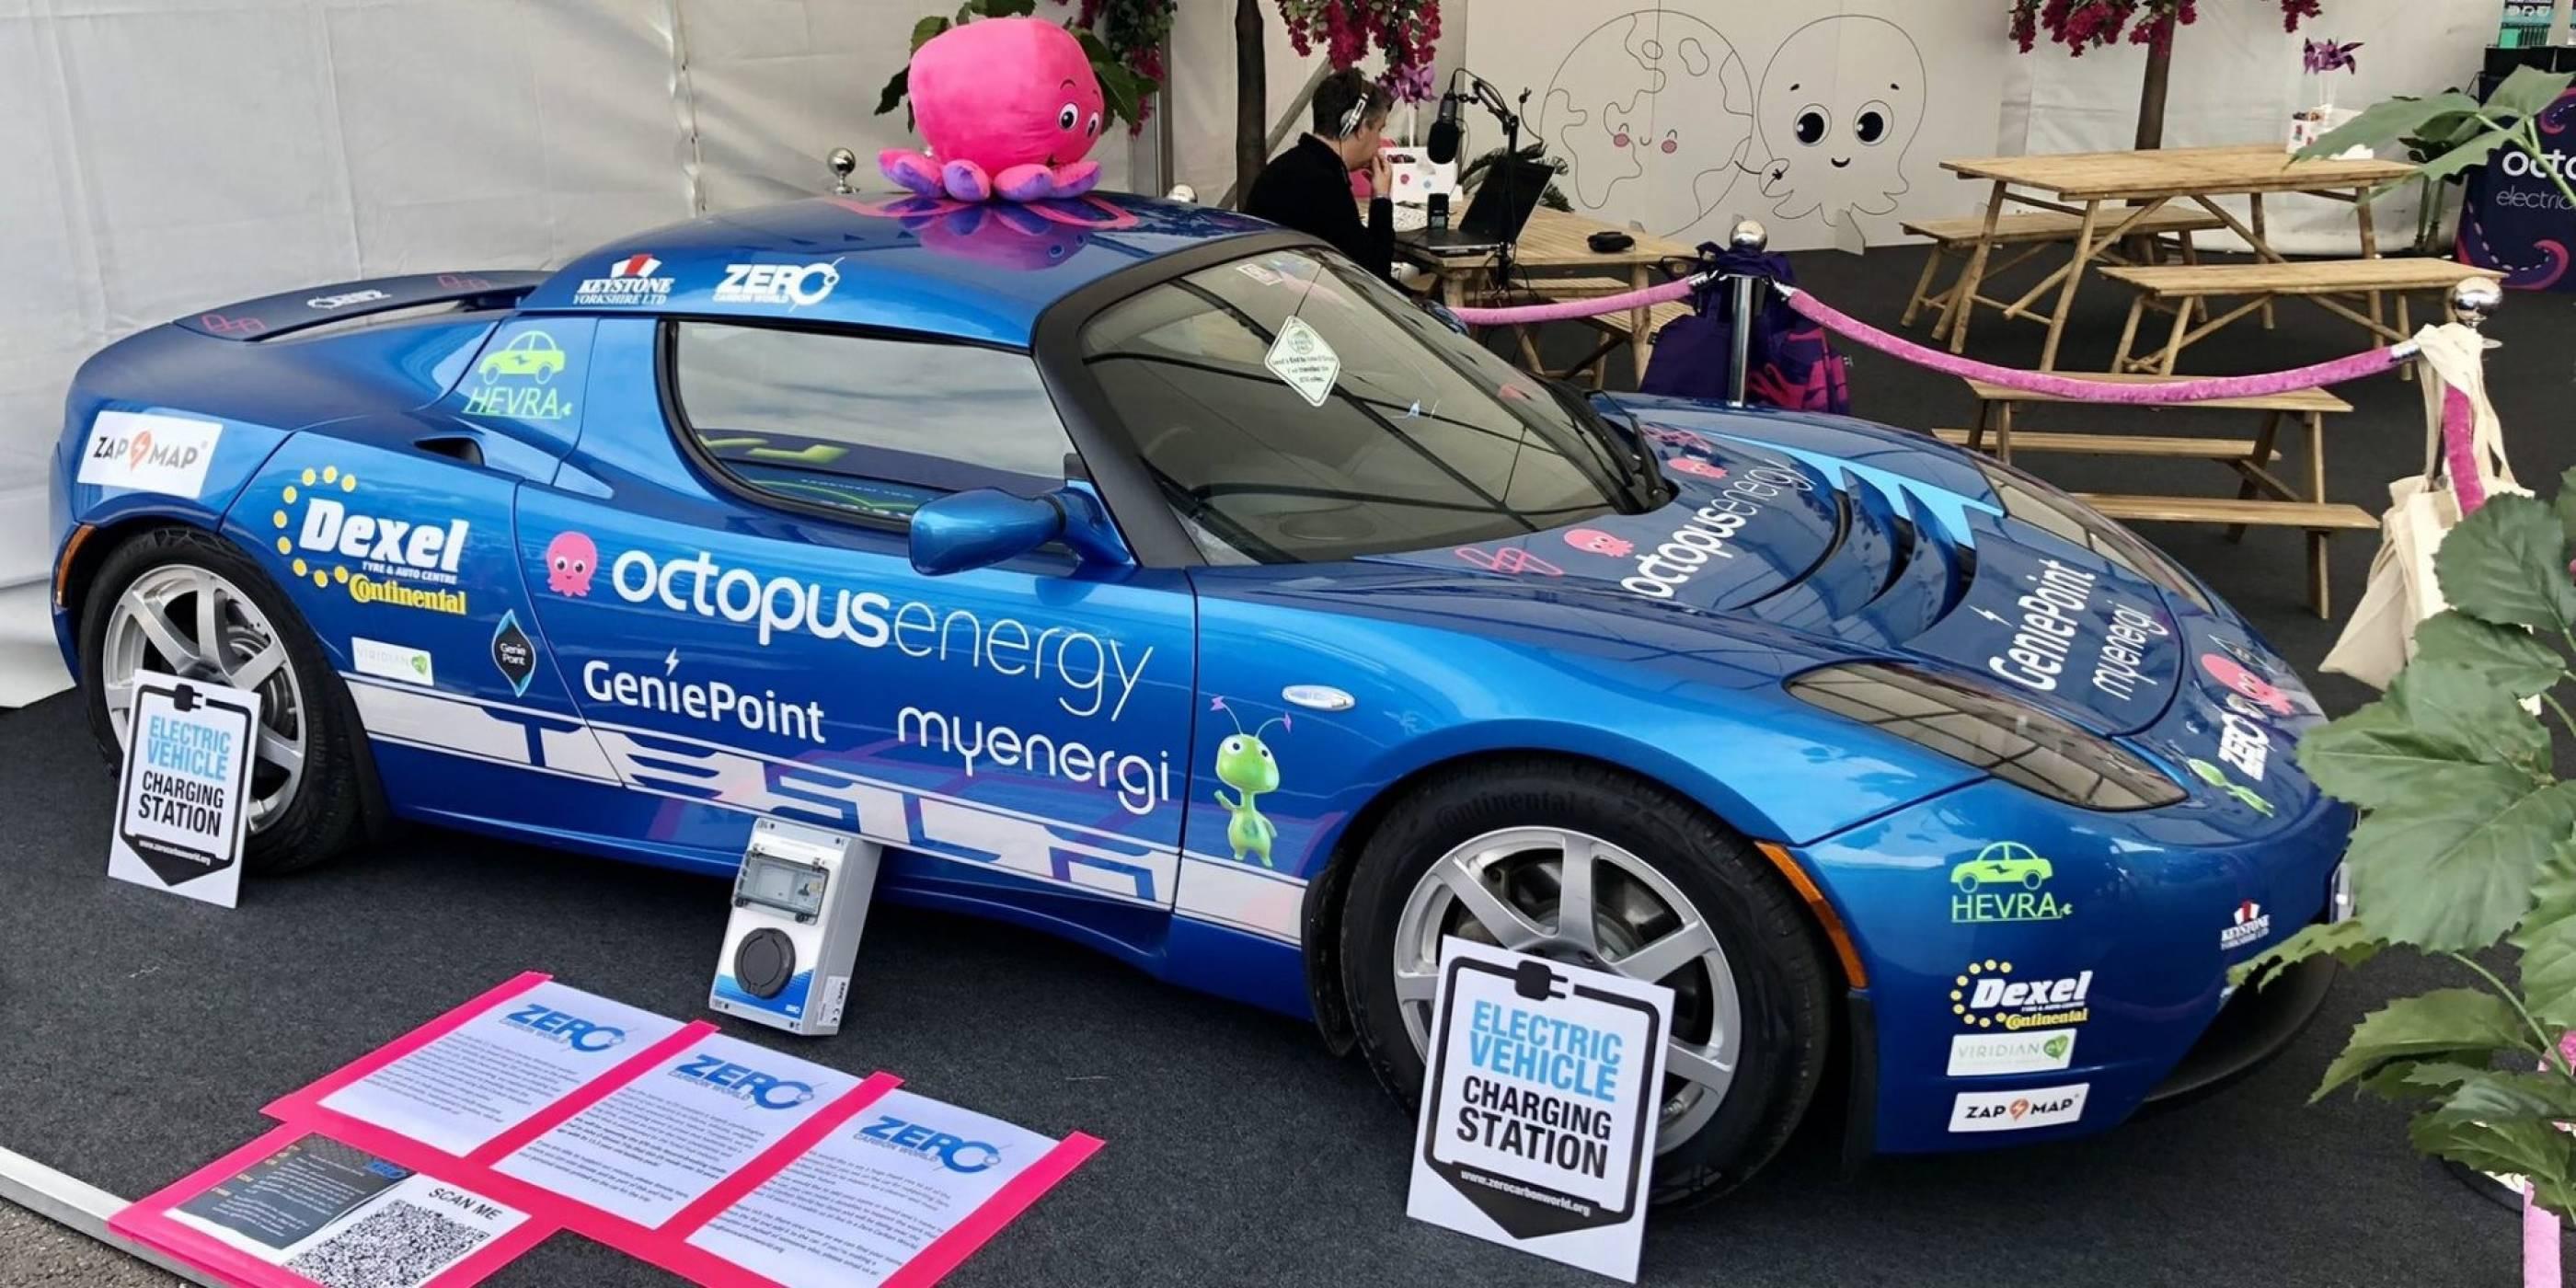 Tesla Roadster ще прекоси Великобритания, за да докаже издръжливостта на батериите